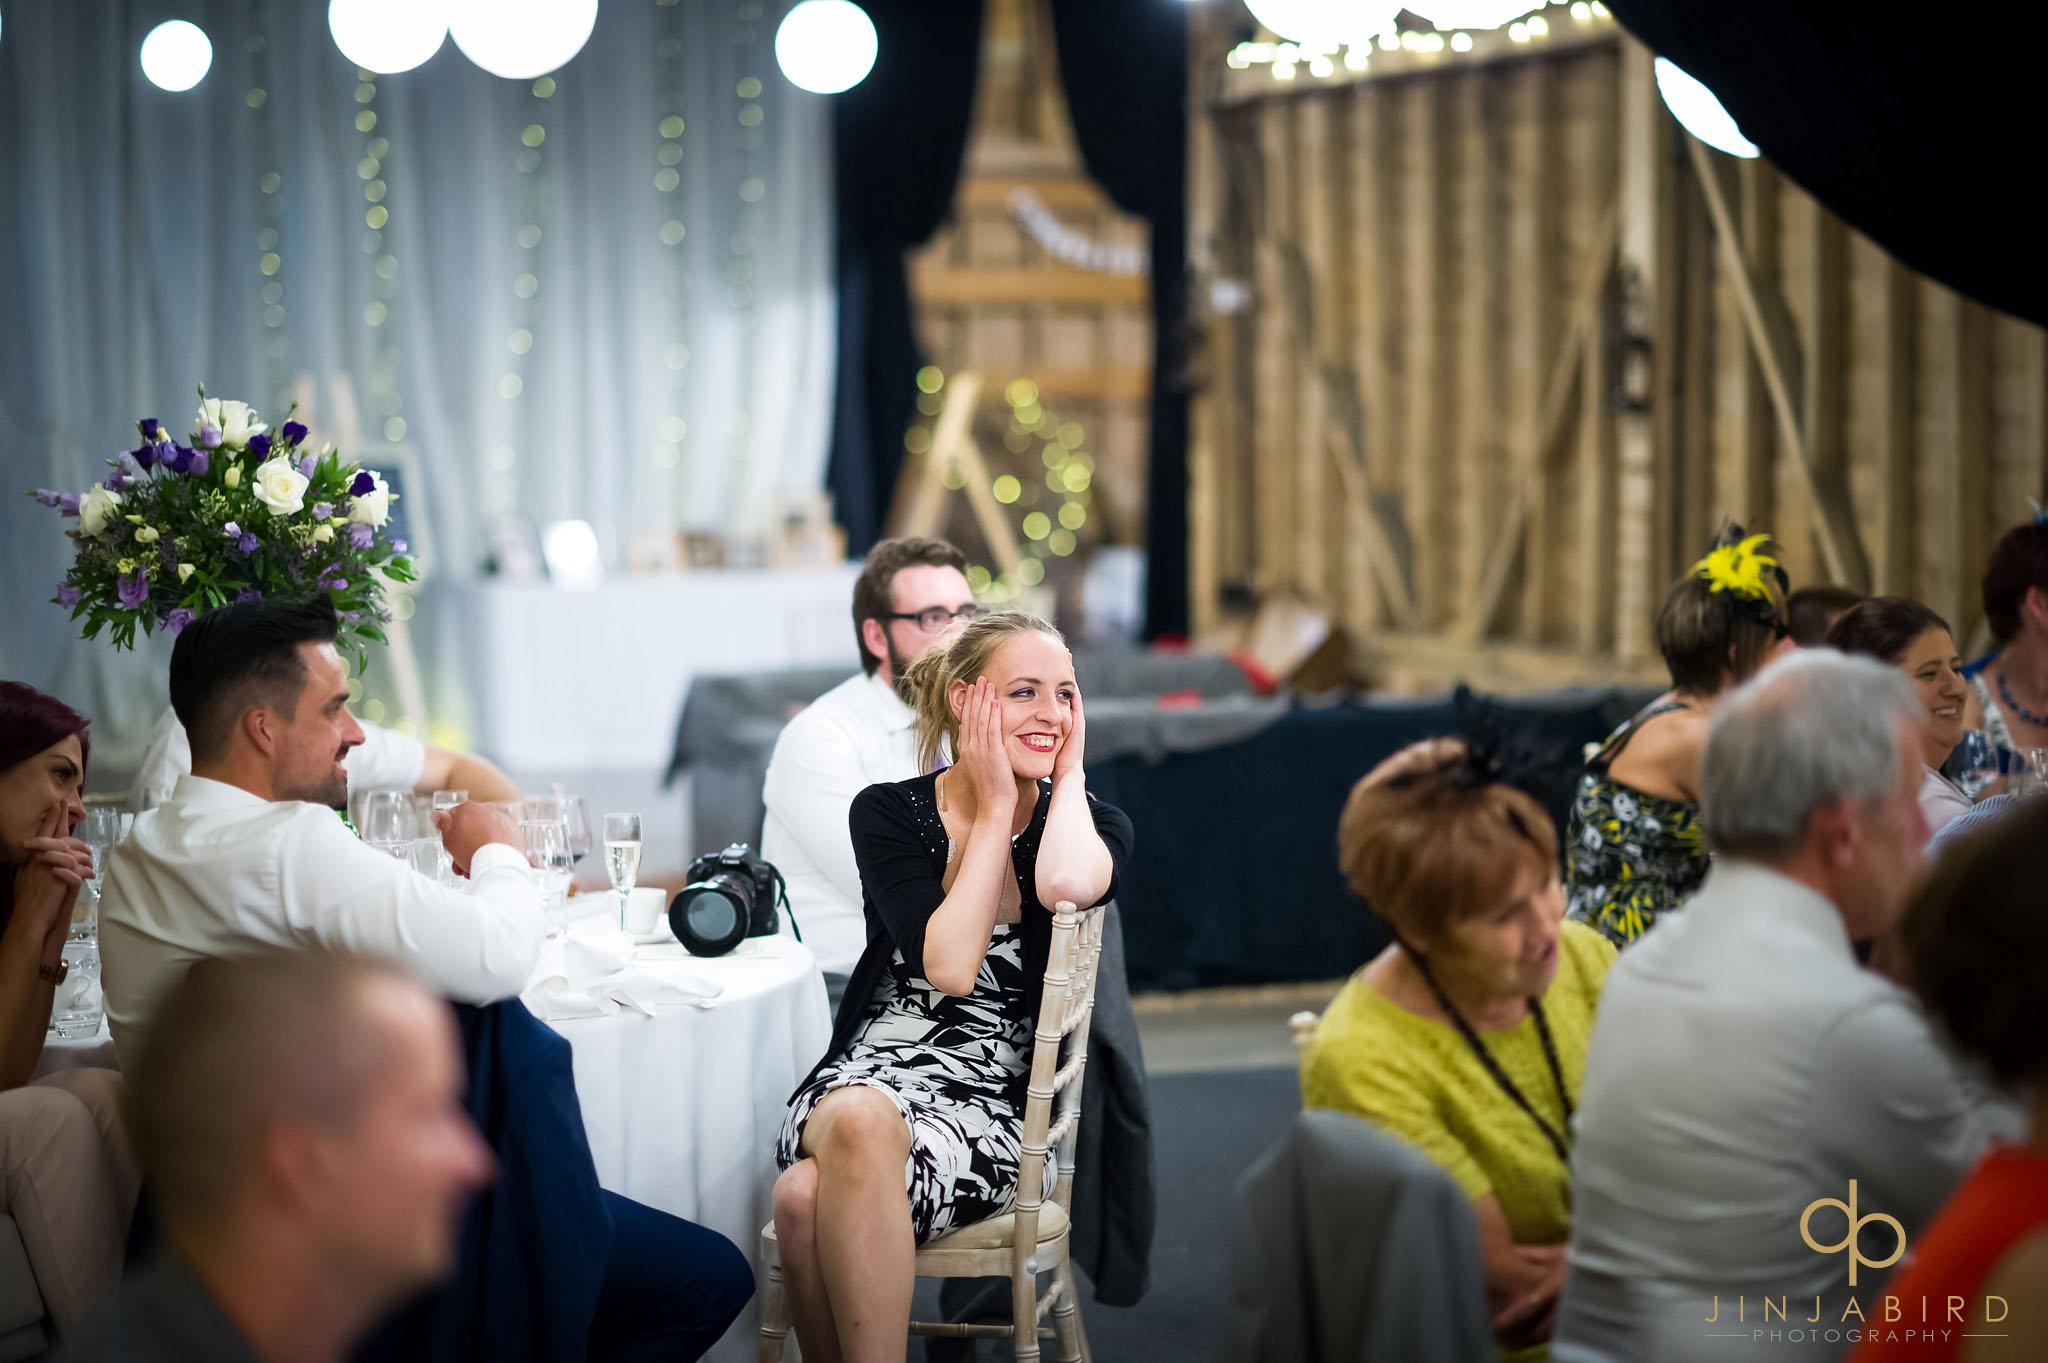 childerley hall wedding guests